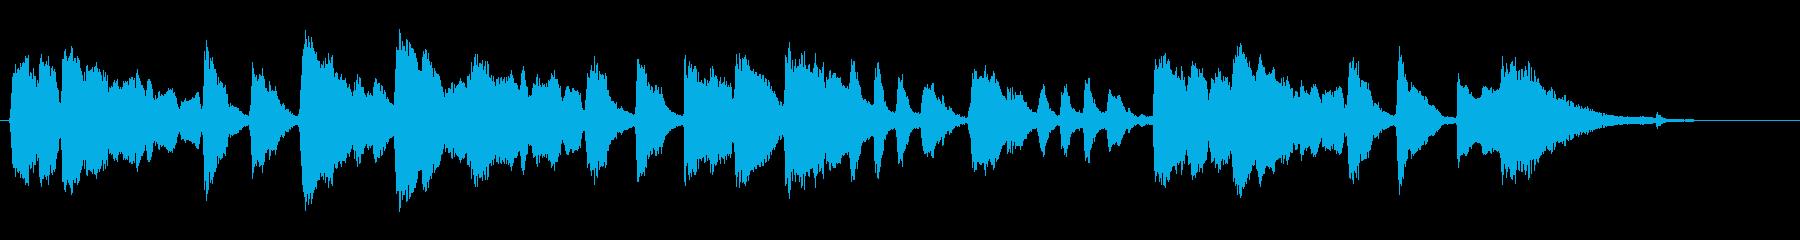 【バイオリン生演奏】鍛冶屋の槌音の再生済みの波形